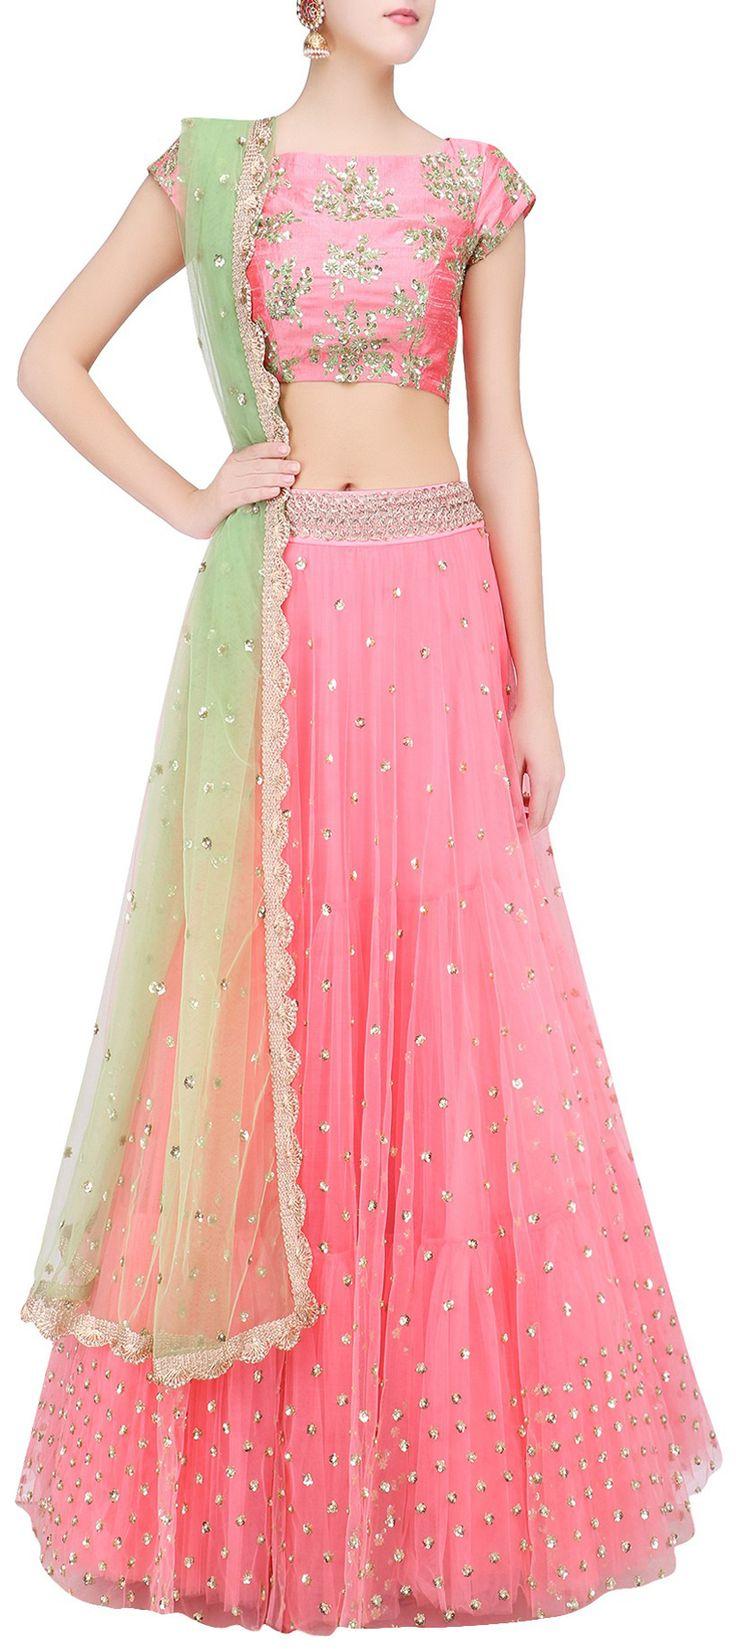 729033 Pink and Majenta  color family Brides maid Lehenga, Mehendi & Sangeet Lehenga in Net fabric with Bugle Beads work .